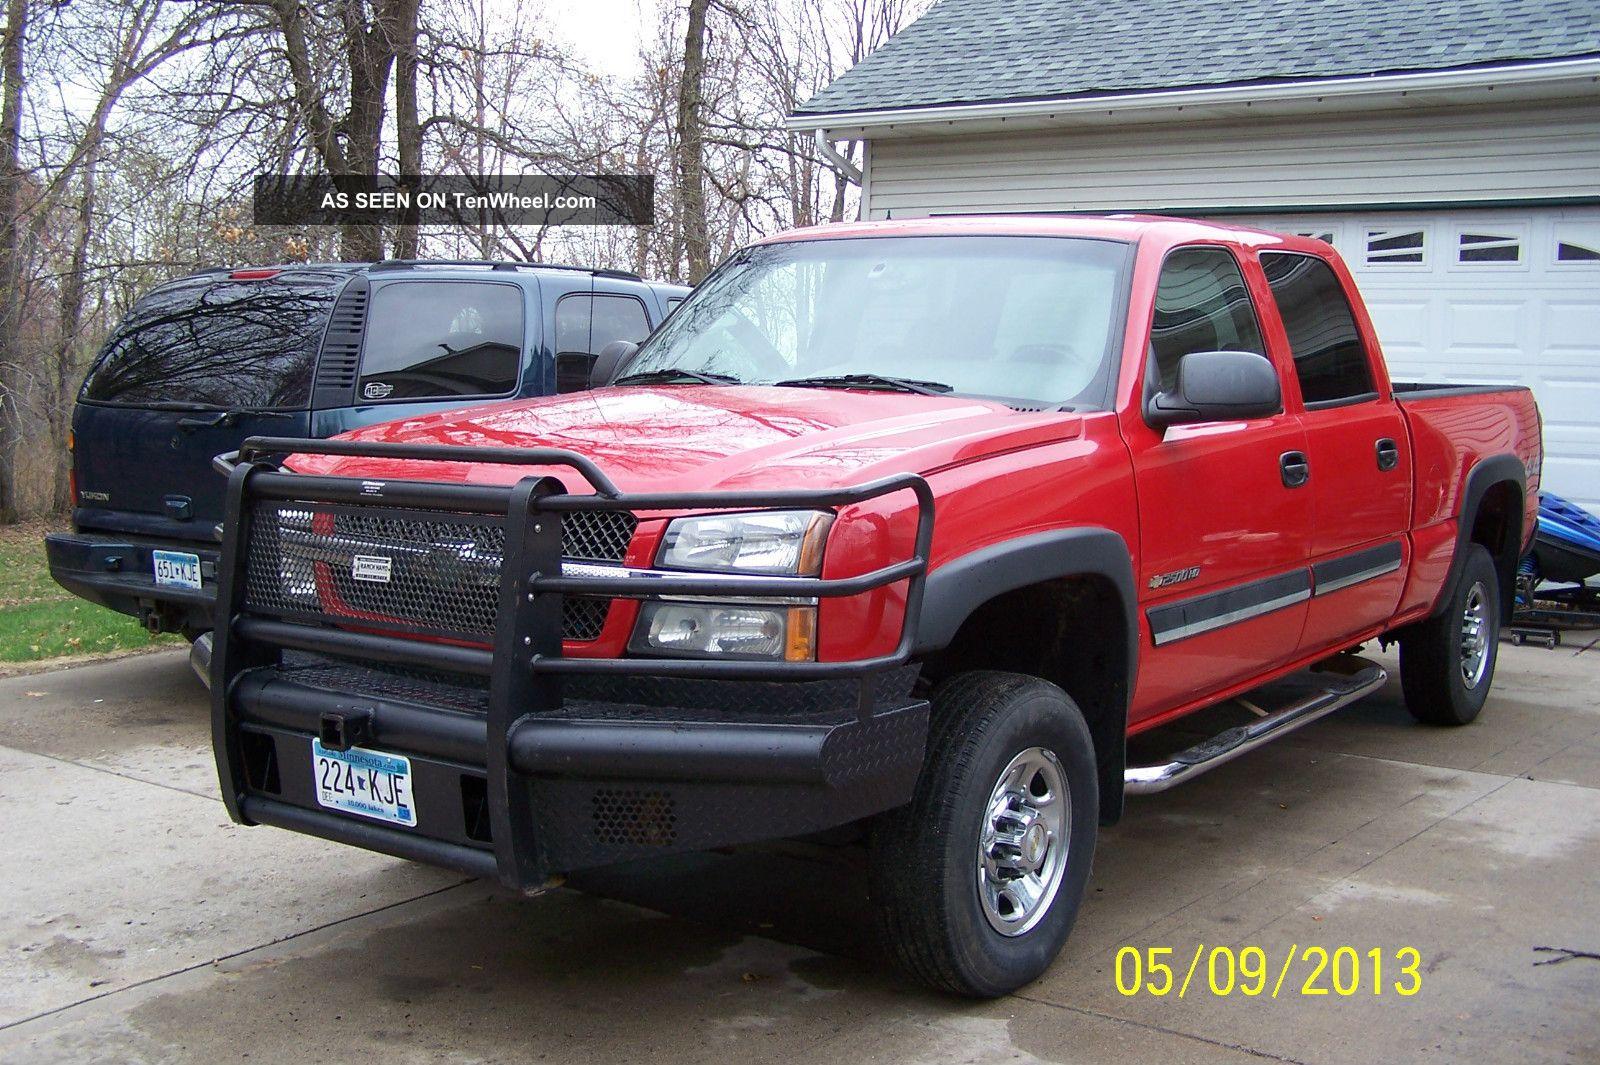 2004 Chevrolet Silverado 2500 Hd Ls Crew Cab Pickup 4 - Door 6.  0l Silverado 2500 photo